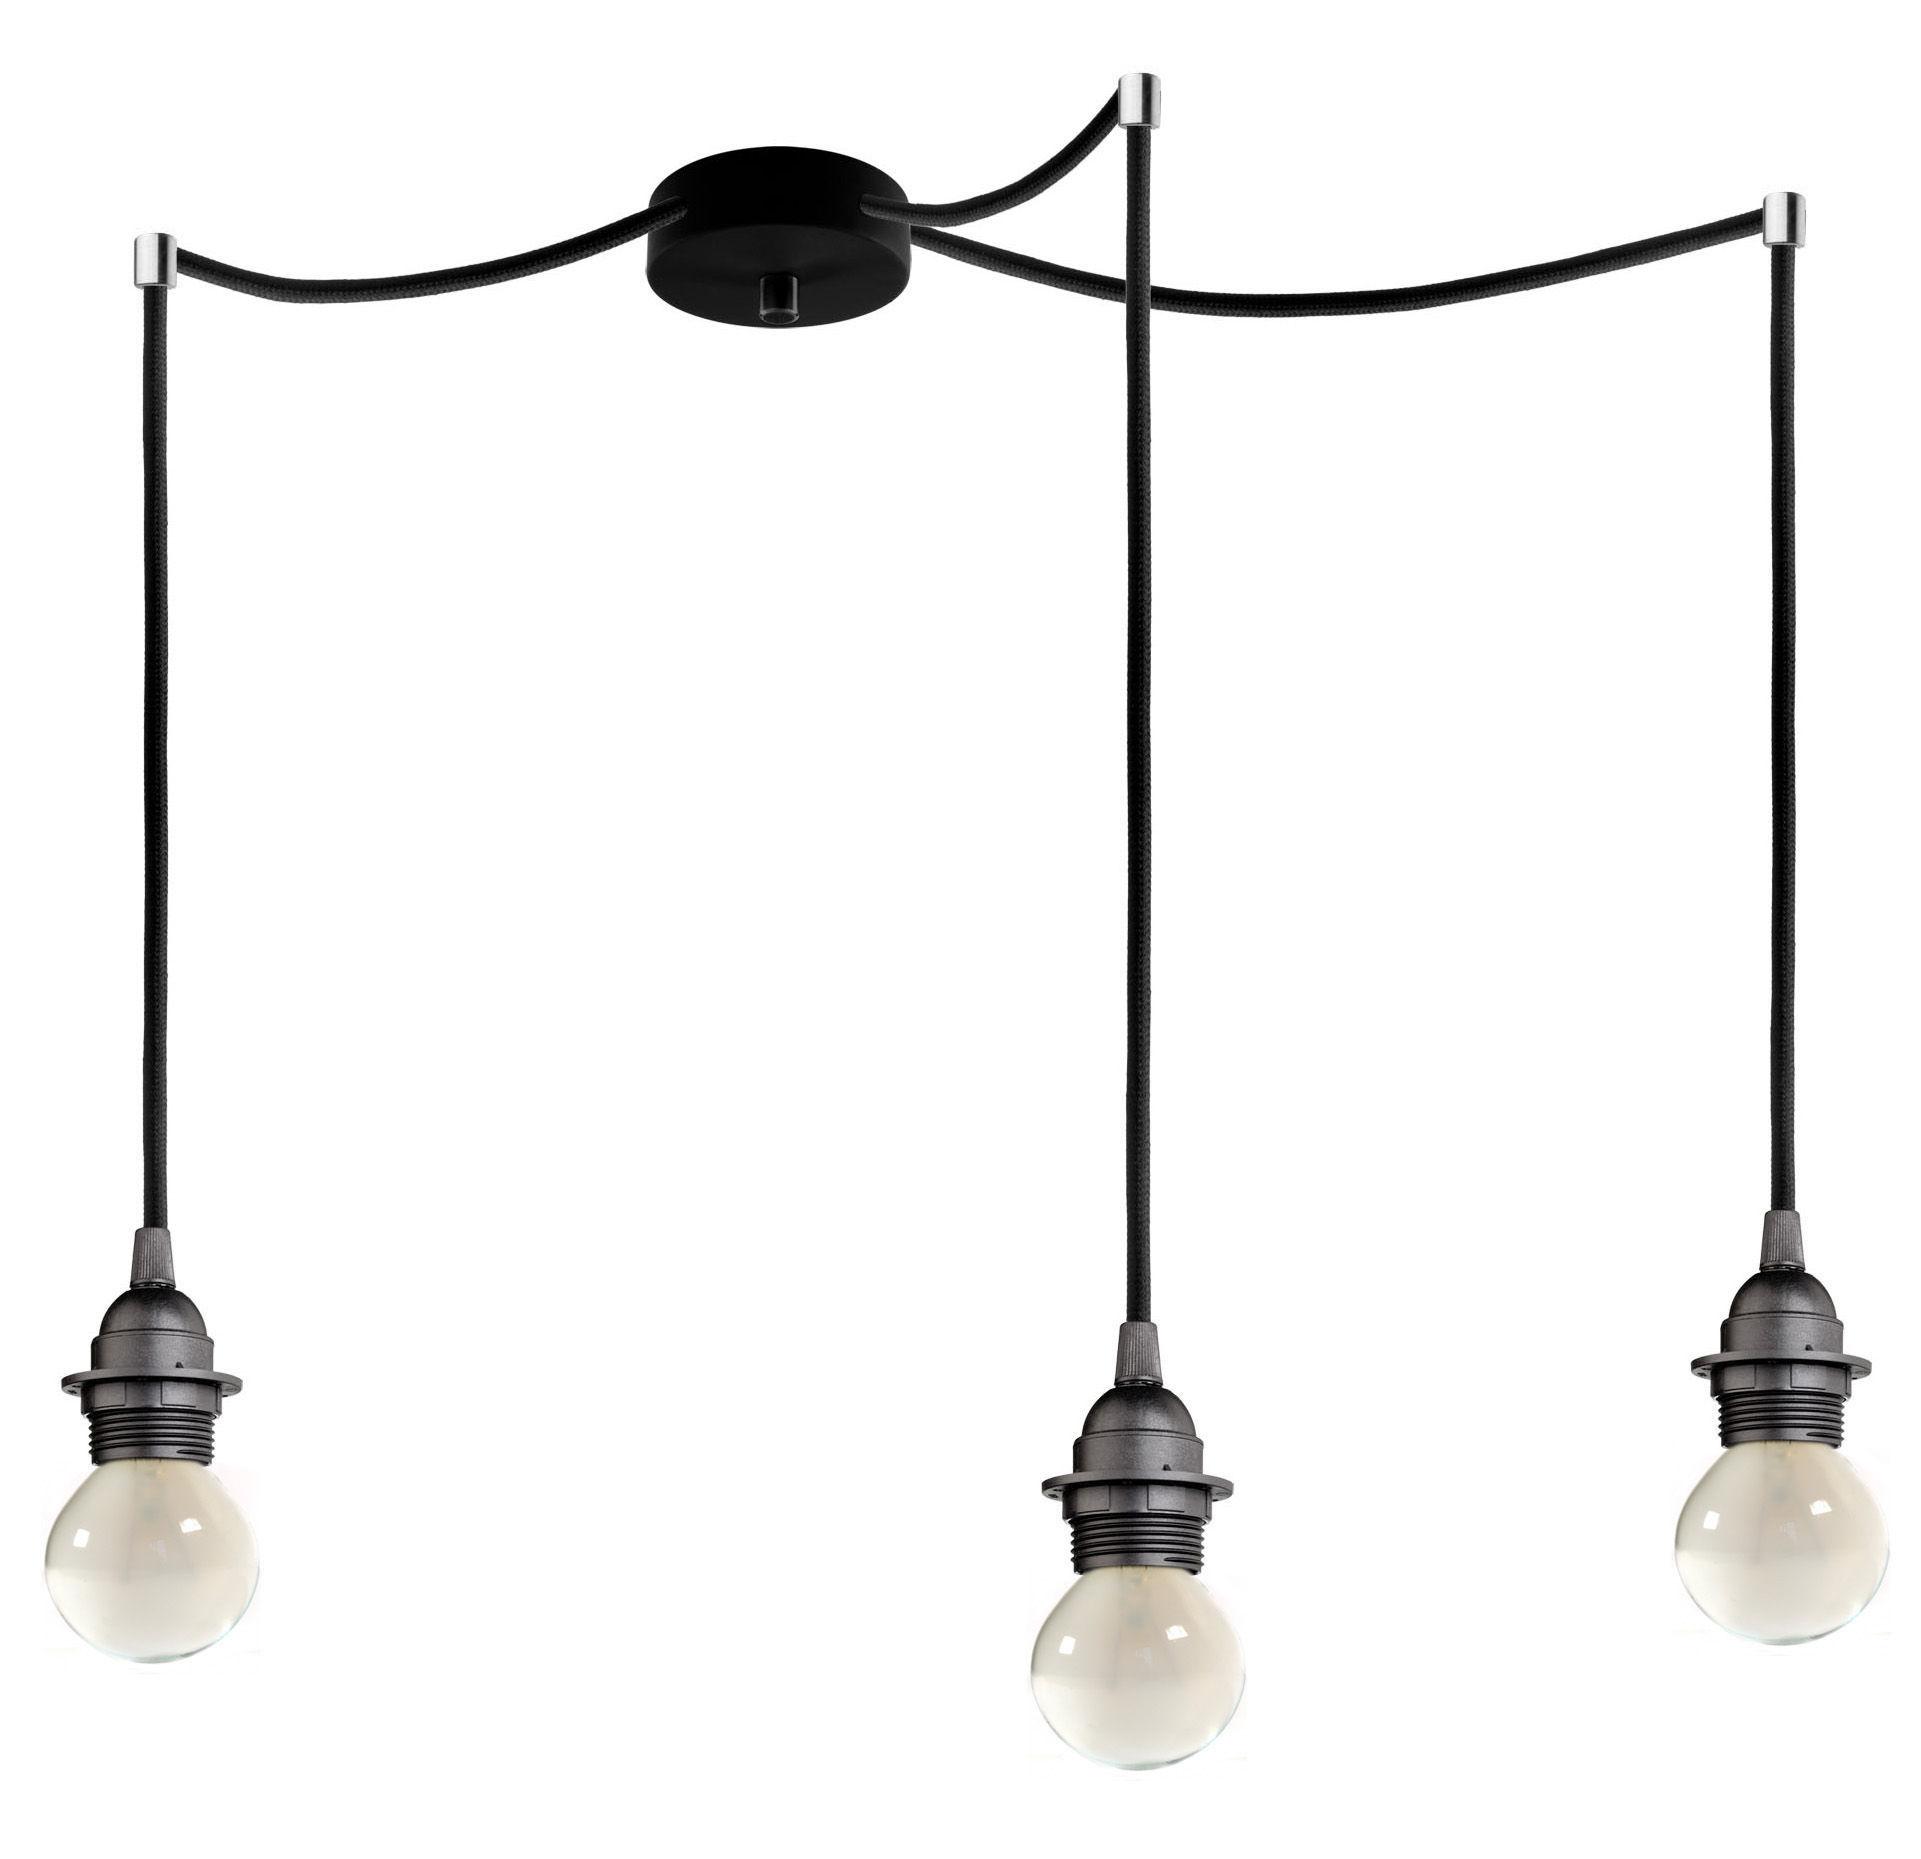 Luminaire - Suspensions - Suspension Bi Kage Triple / 3 câbles, douilles & rosace - Sotto Luce - Douille noire / Câble noir / Rosace noire - Métal, Plastique, Tissu